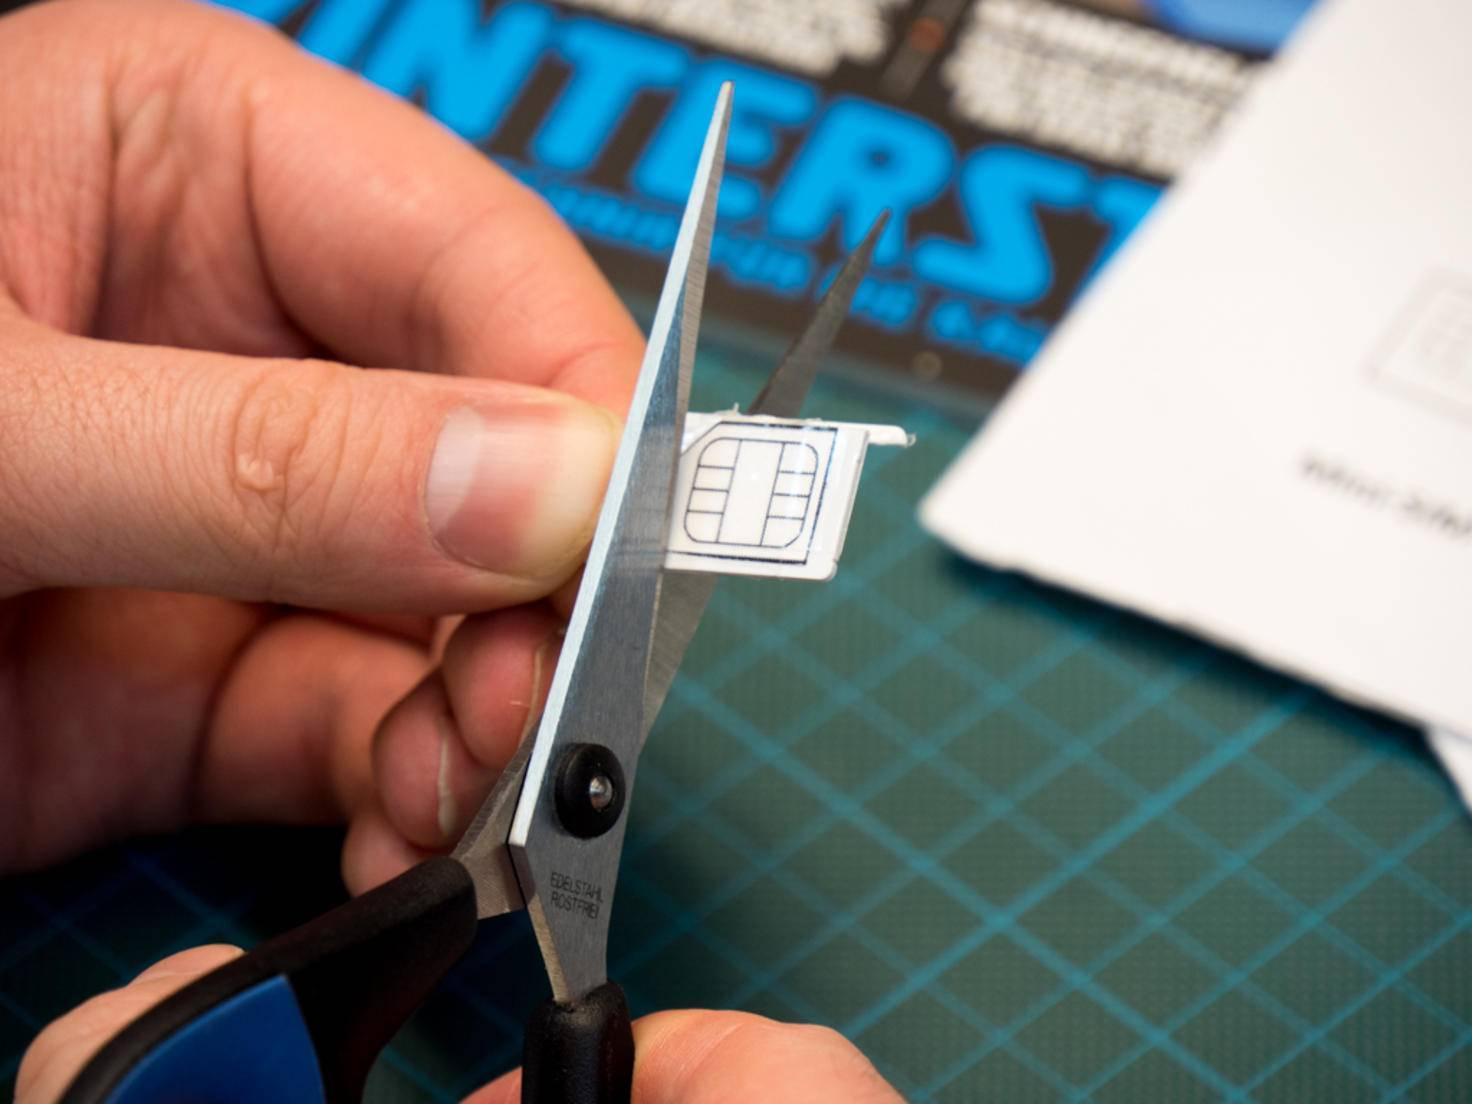 Nano Sim Karte Schablone Originalgrosse.Sim Karte Wechseln Und Tauschen Das Ist Zu Beachten